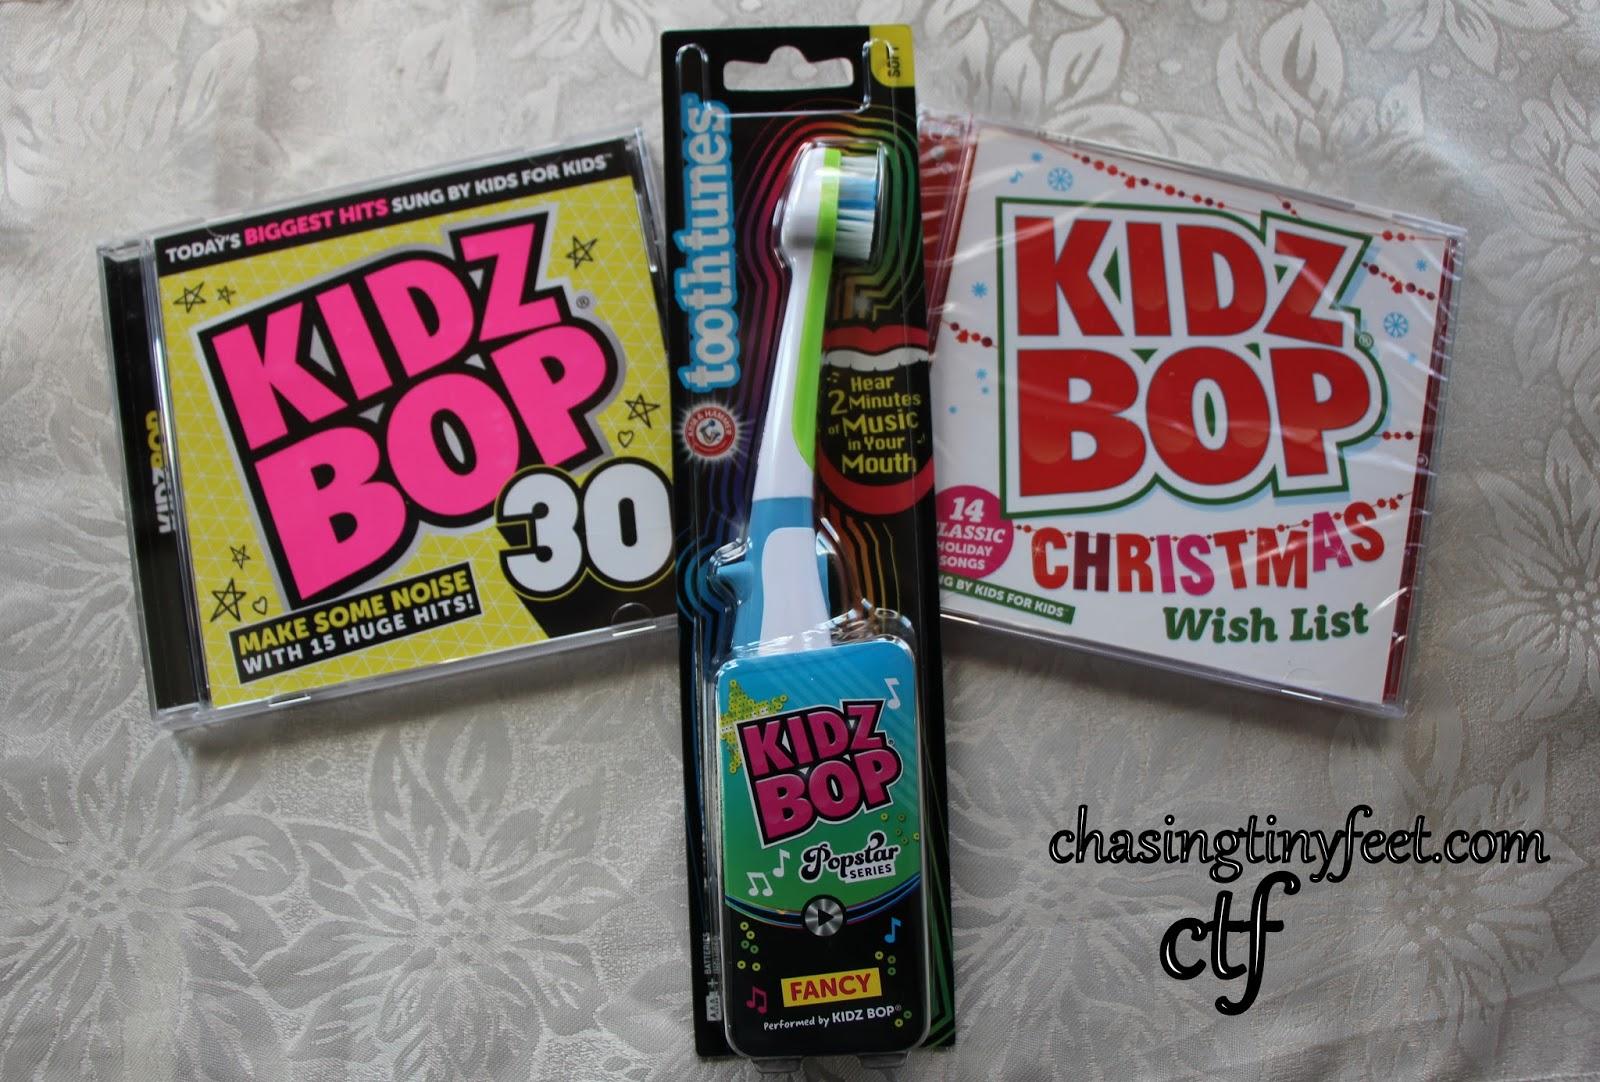 Kidz Bop Christmas - Christmas Cards